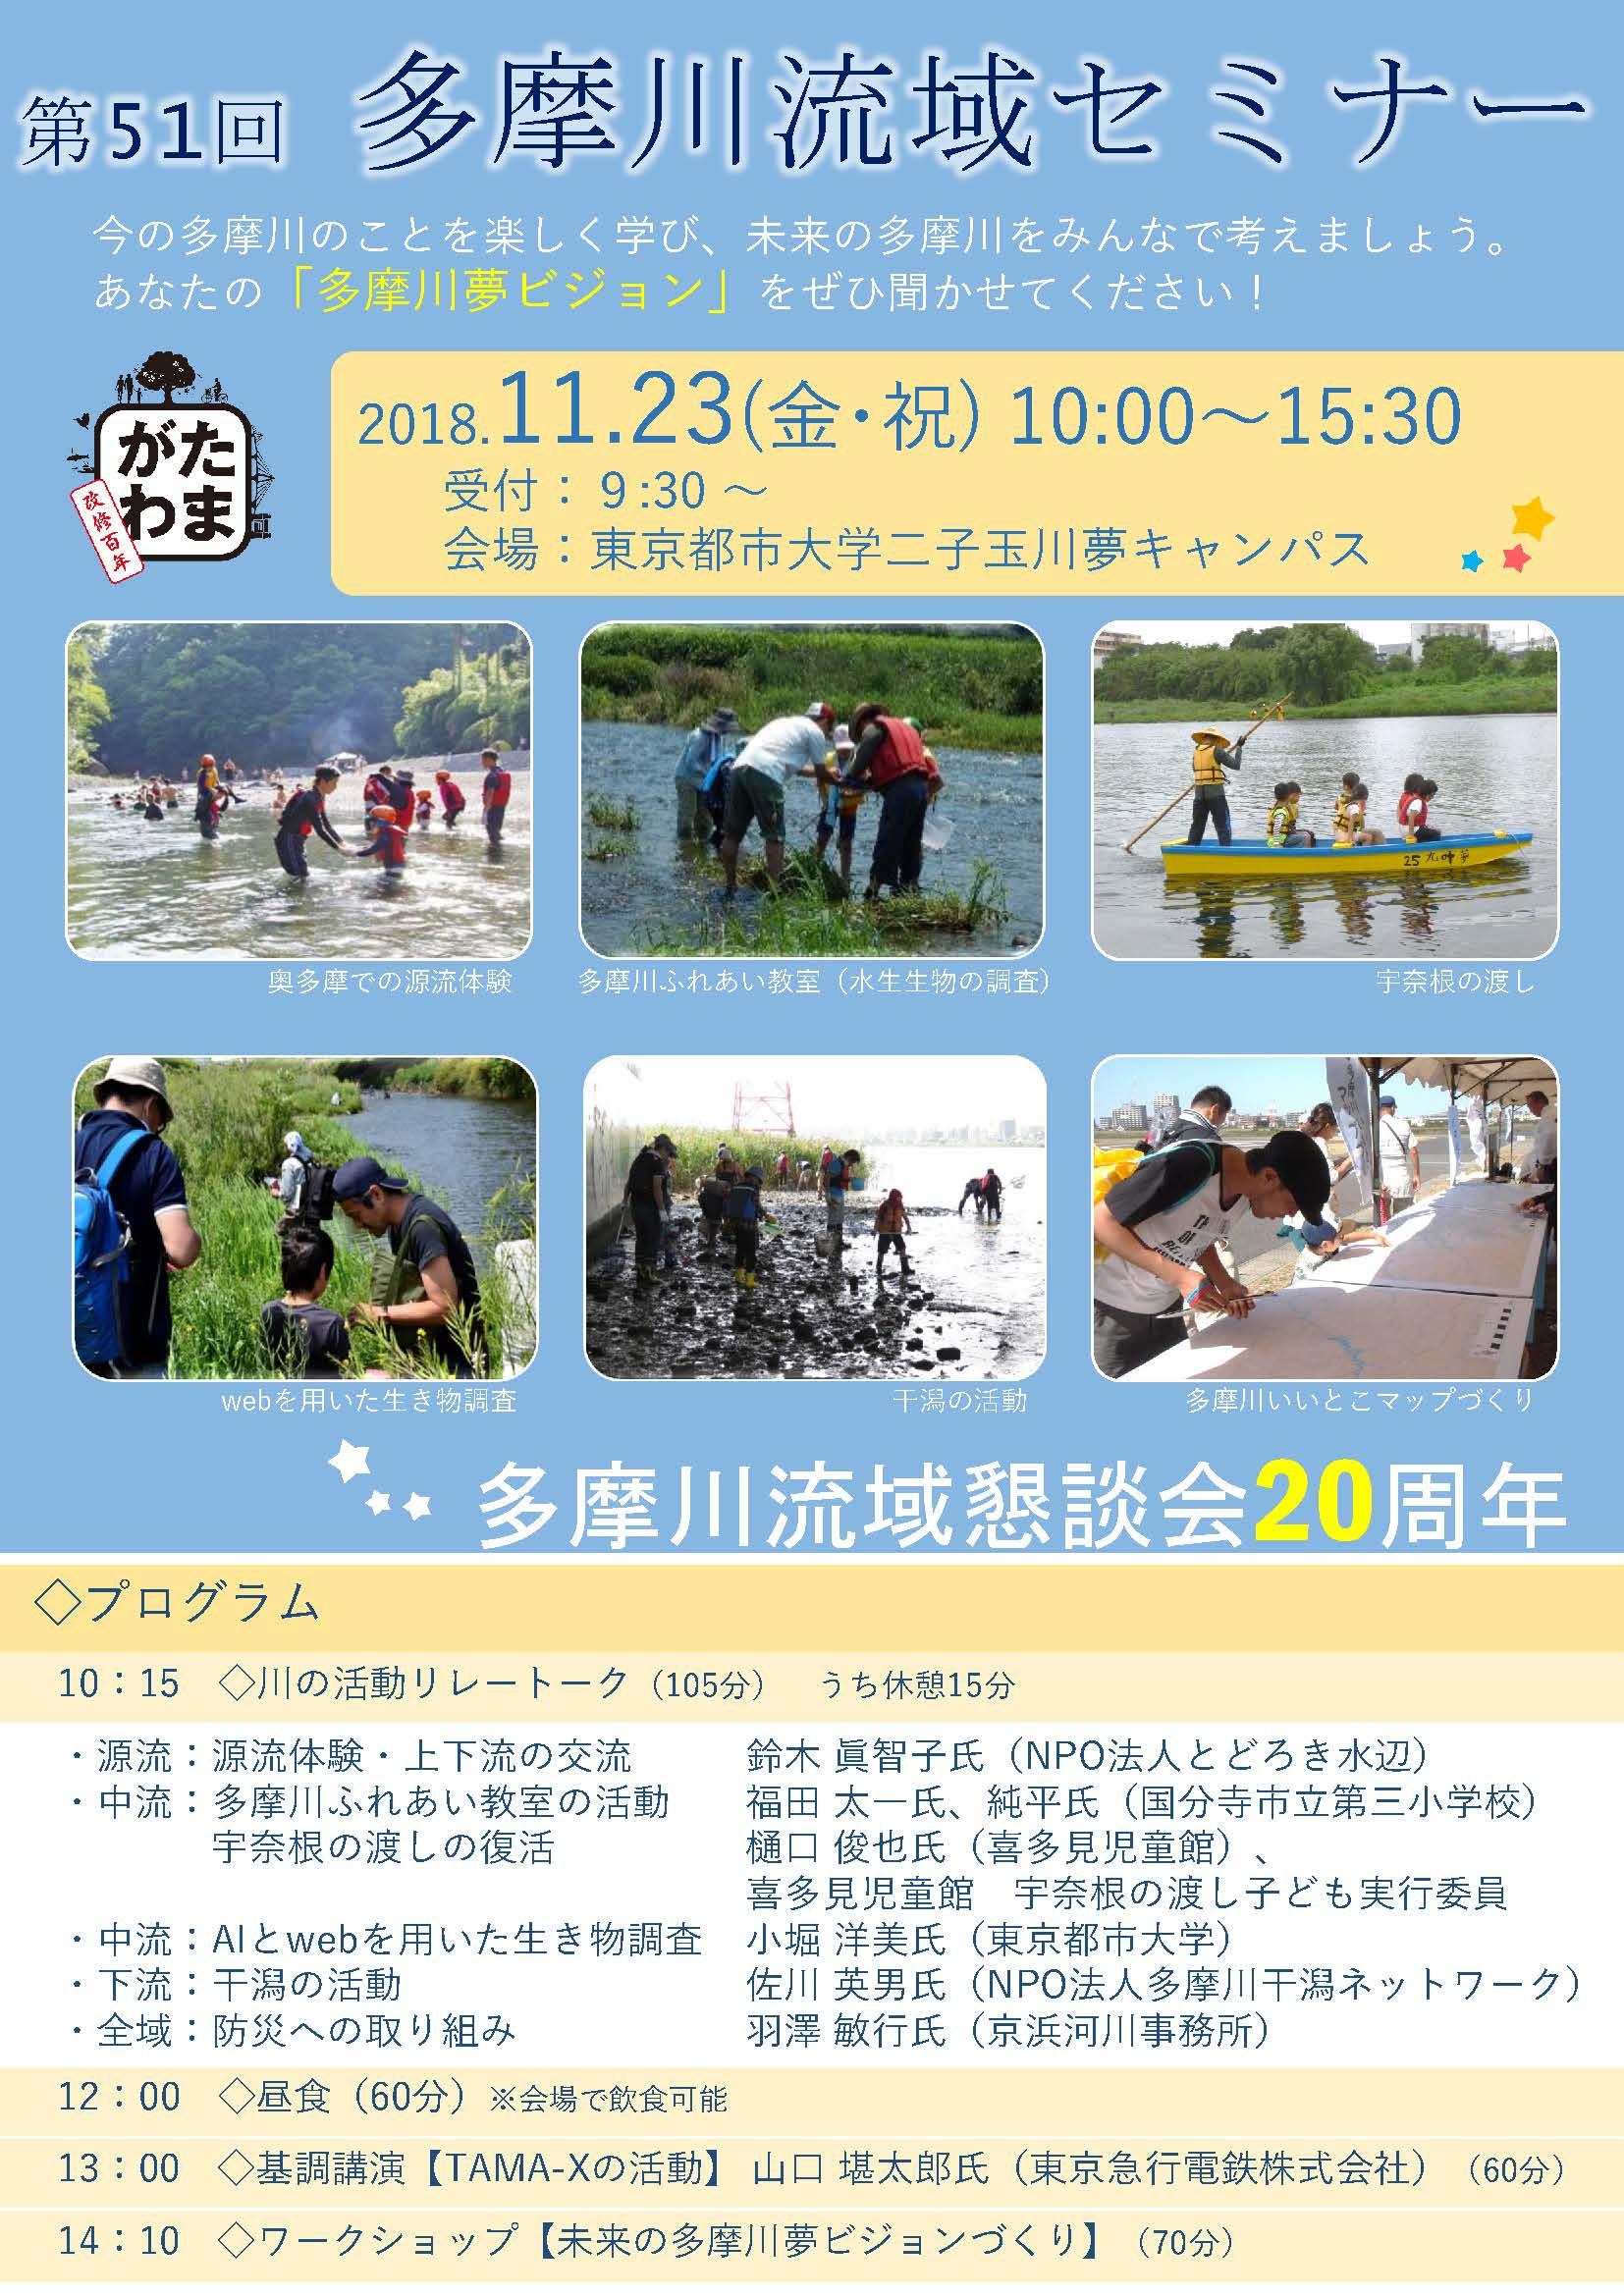 第51回 多摩川流域セミナー「未来の多摩川夢ビジョンづくり」